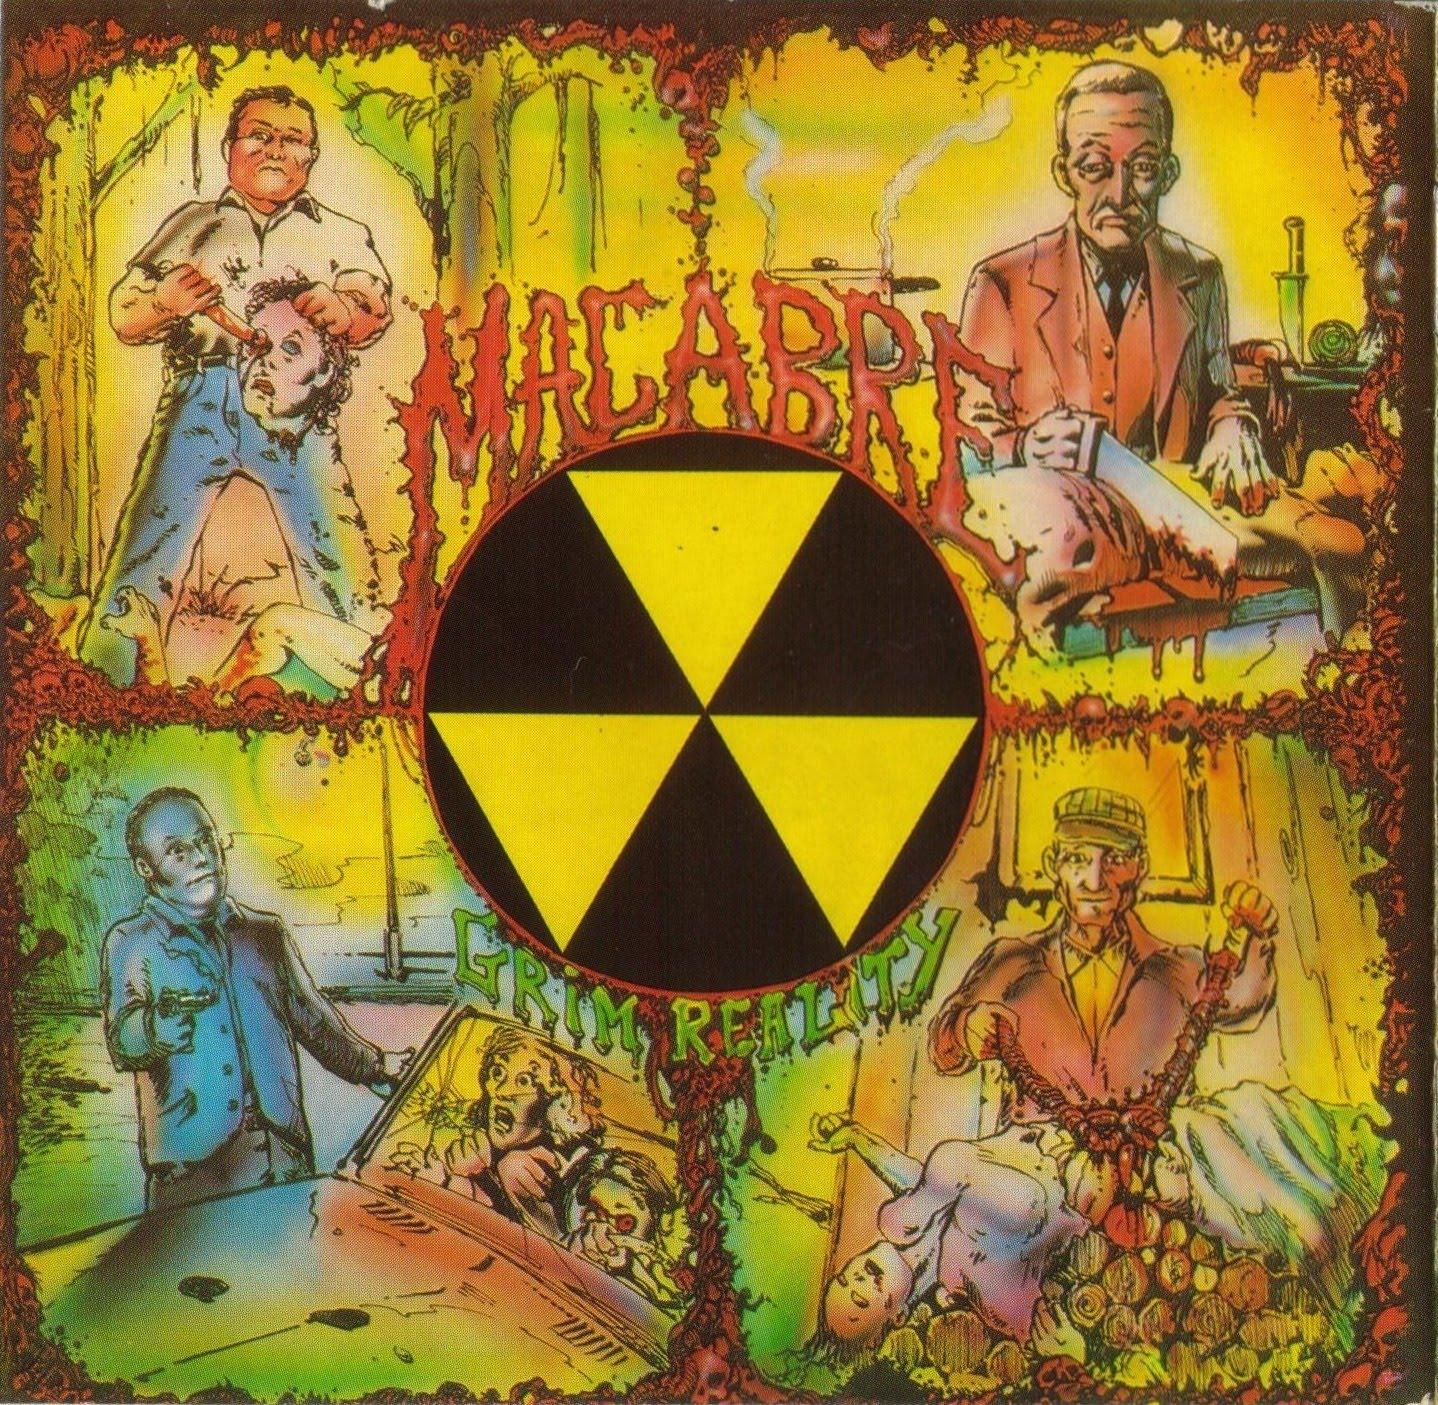 Macabre - Grim Reality - 1987